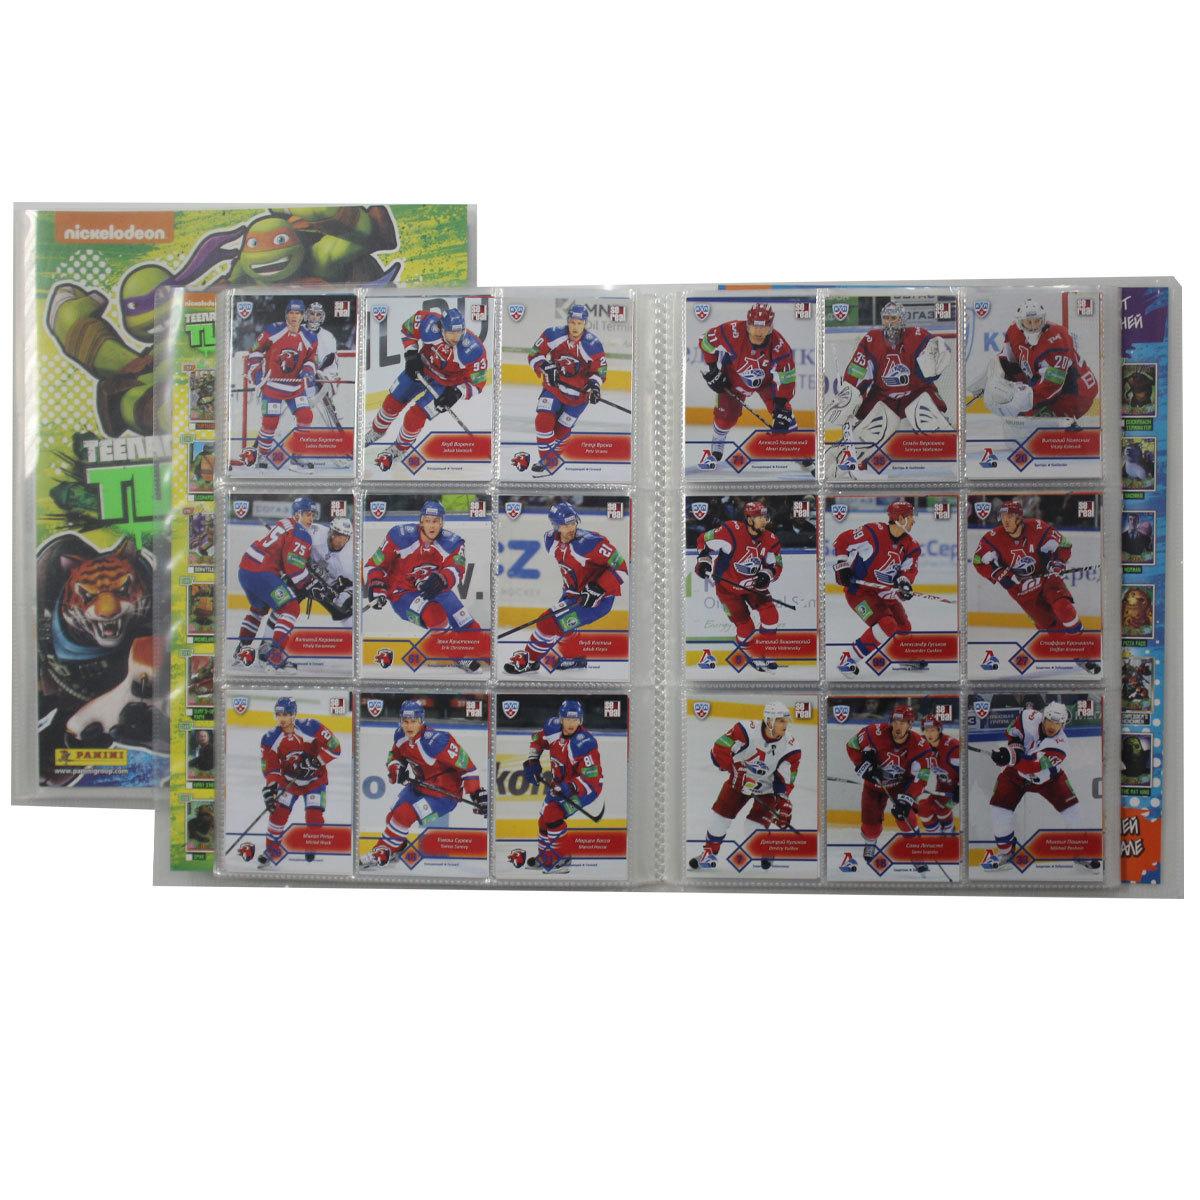 Спортивные карточки. Хоккей. Полный базовый сет 468 шт. + Подсерии 156 шт. SeReal Карточки КХЛ 2012-2013.